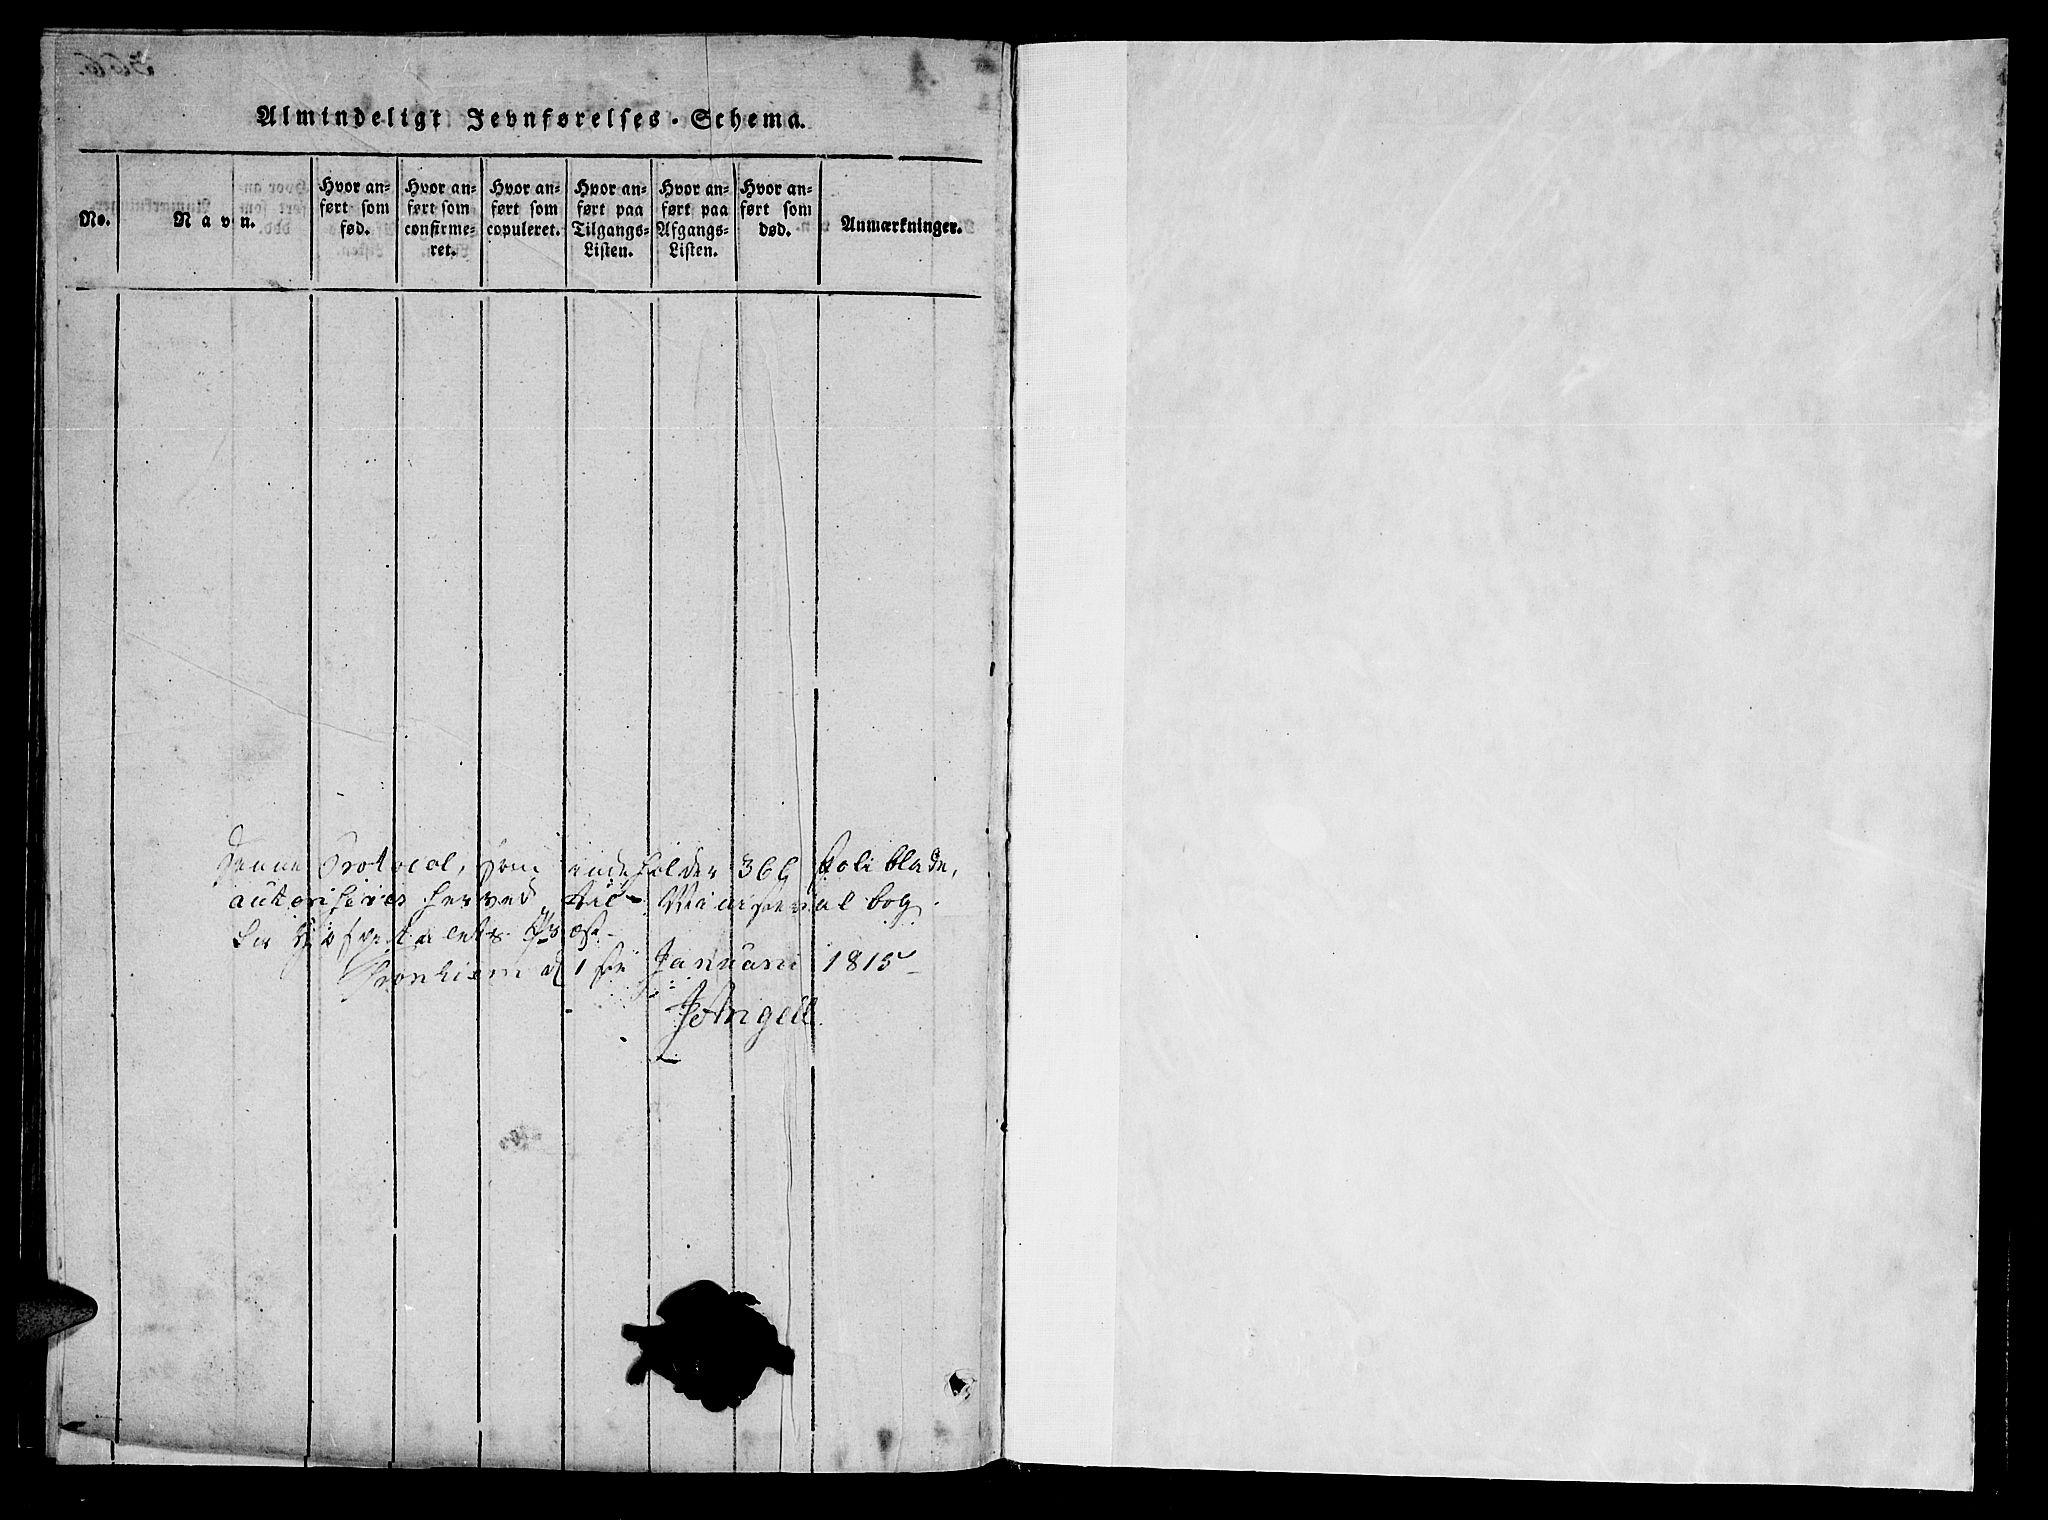 SAT, Ministerialprotokoller, klokkerbøker og fødselsregistre - Sør-Trøndelag, 623/L0467: Ministerialbok nr. 623A01, 1815-1825